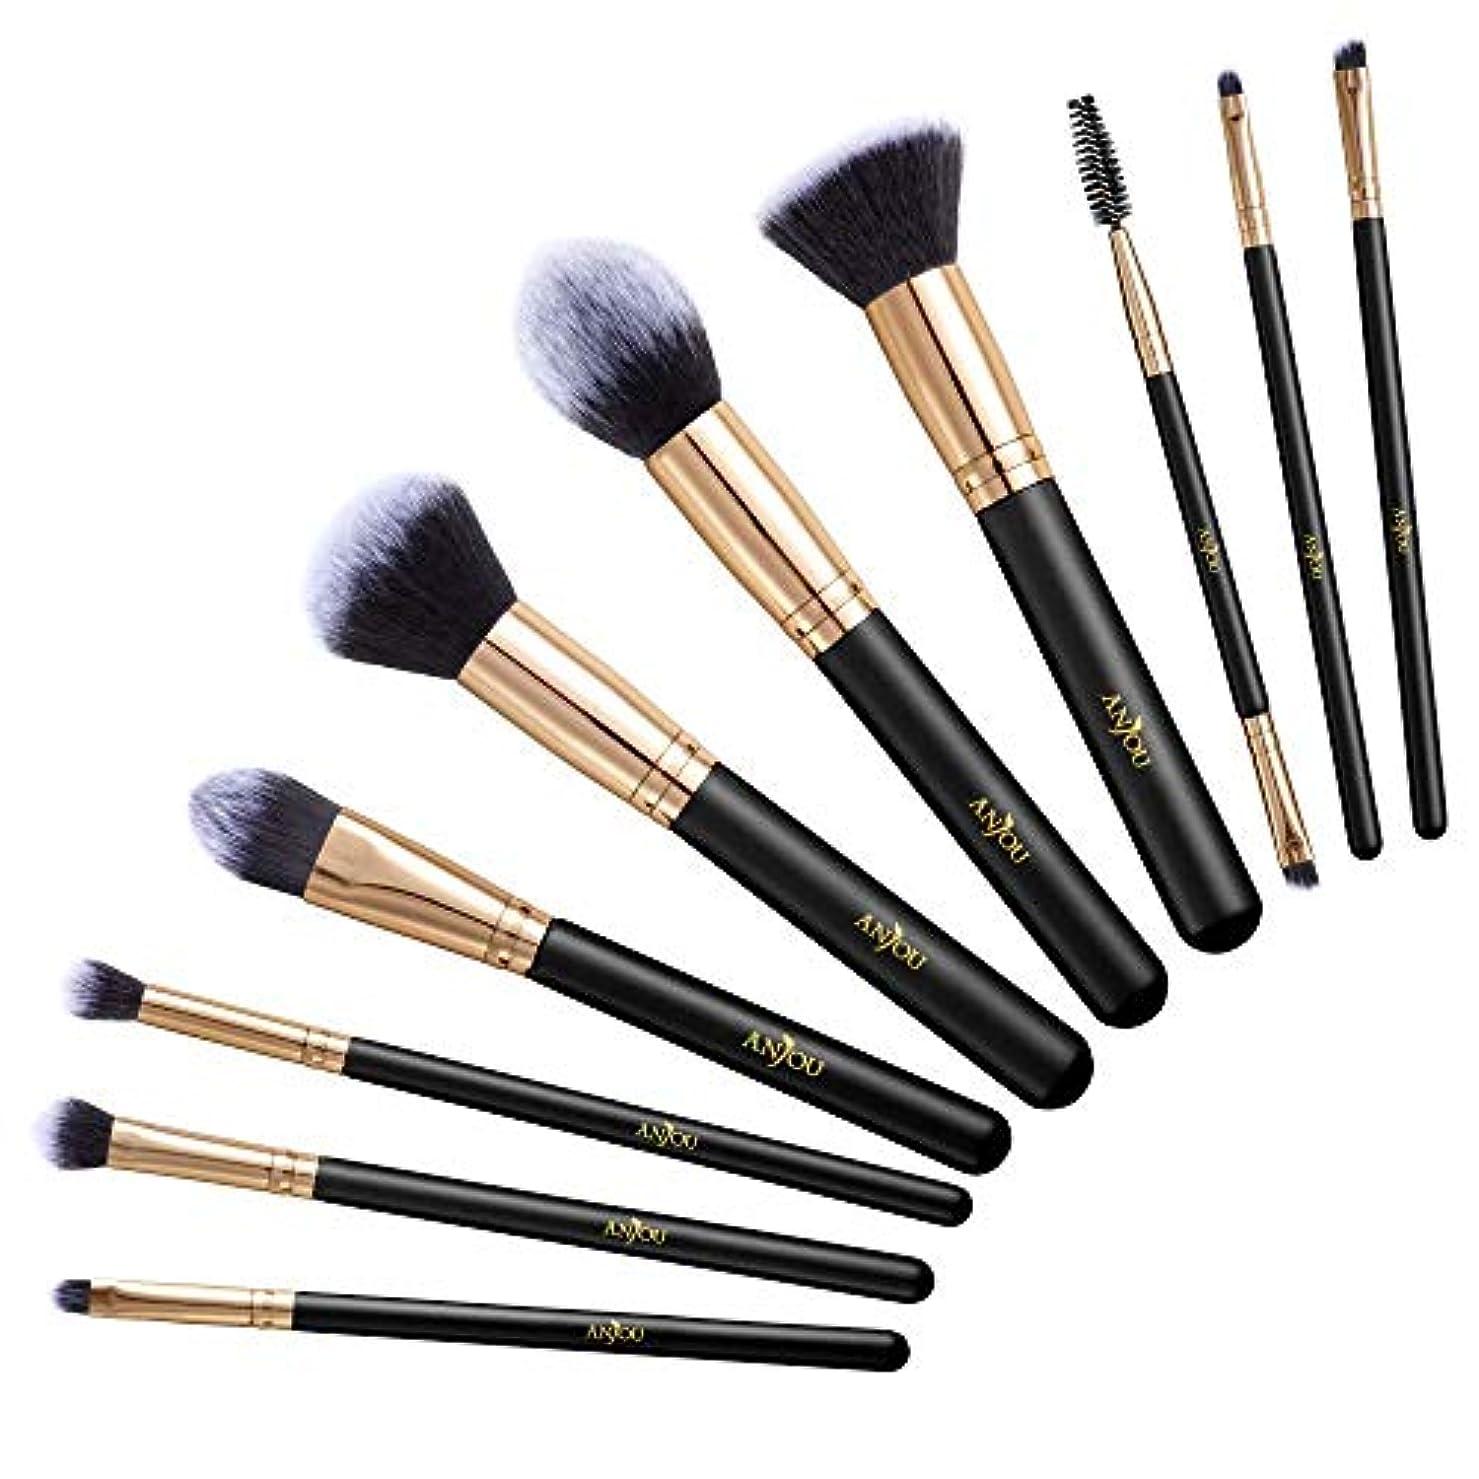 アフリカゴミ箱を空にするロータリーAnjou メイクブラシ 10本セット 化粧ブラシ 化粧筆 フェイスブラシ 毛量たっぷり 高級のタクロン 木製ハンドル [一年間安心保証] AJ-MTA013